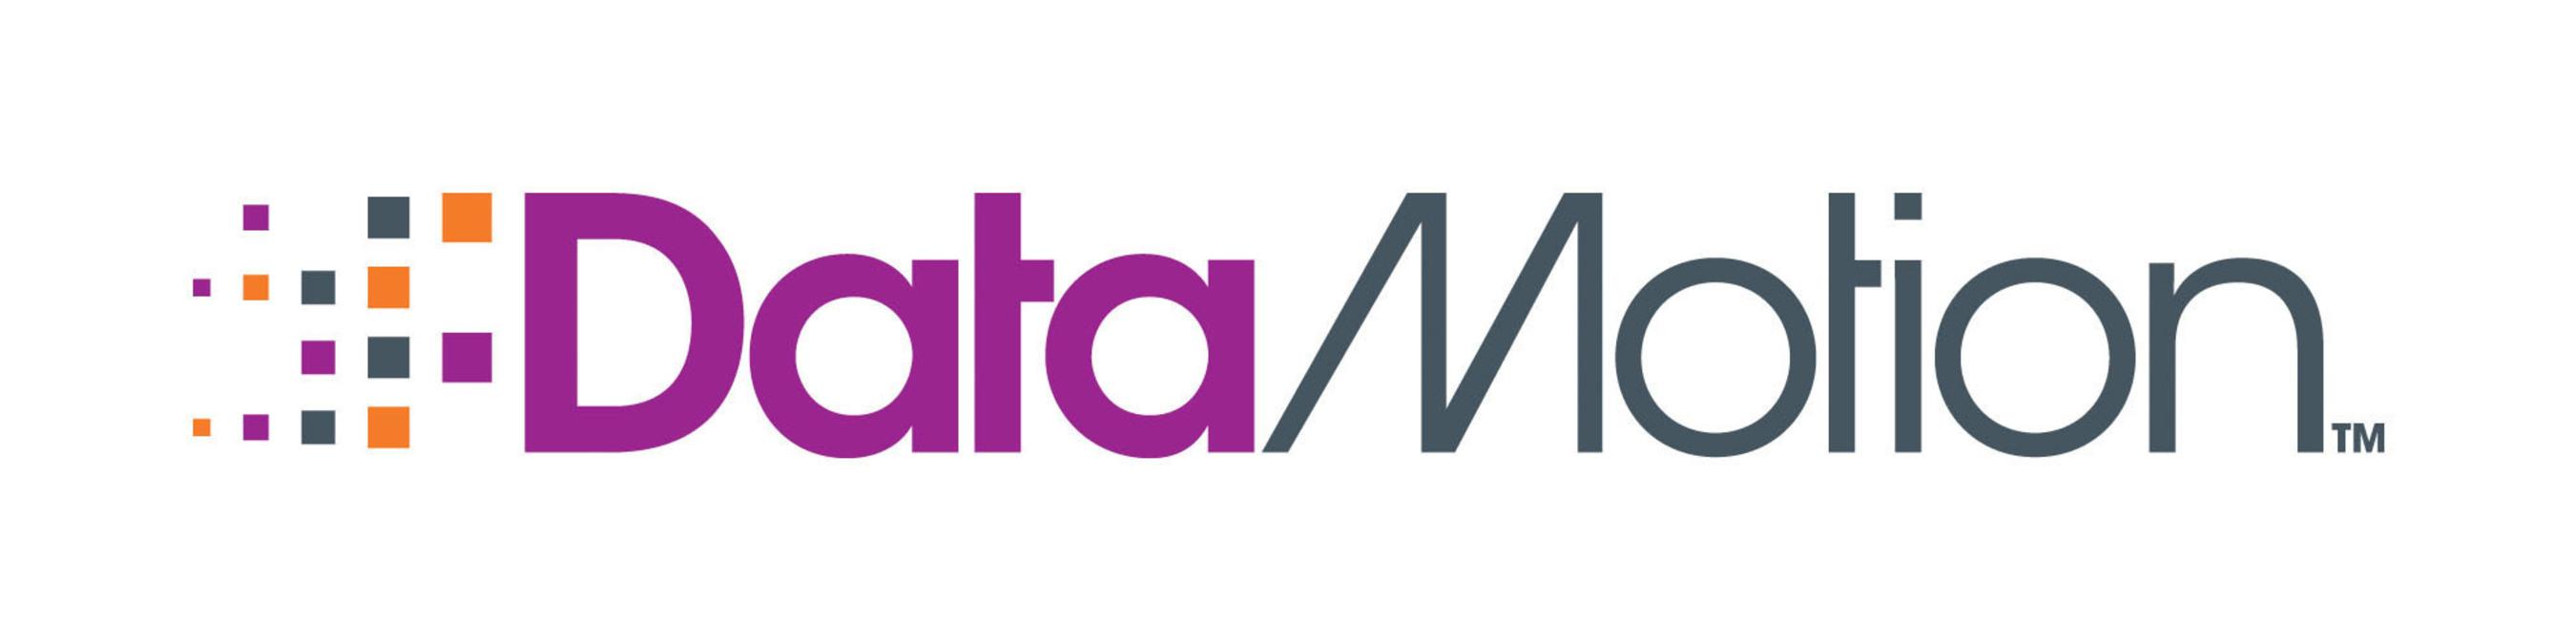 DataMotion Logo.